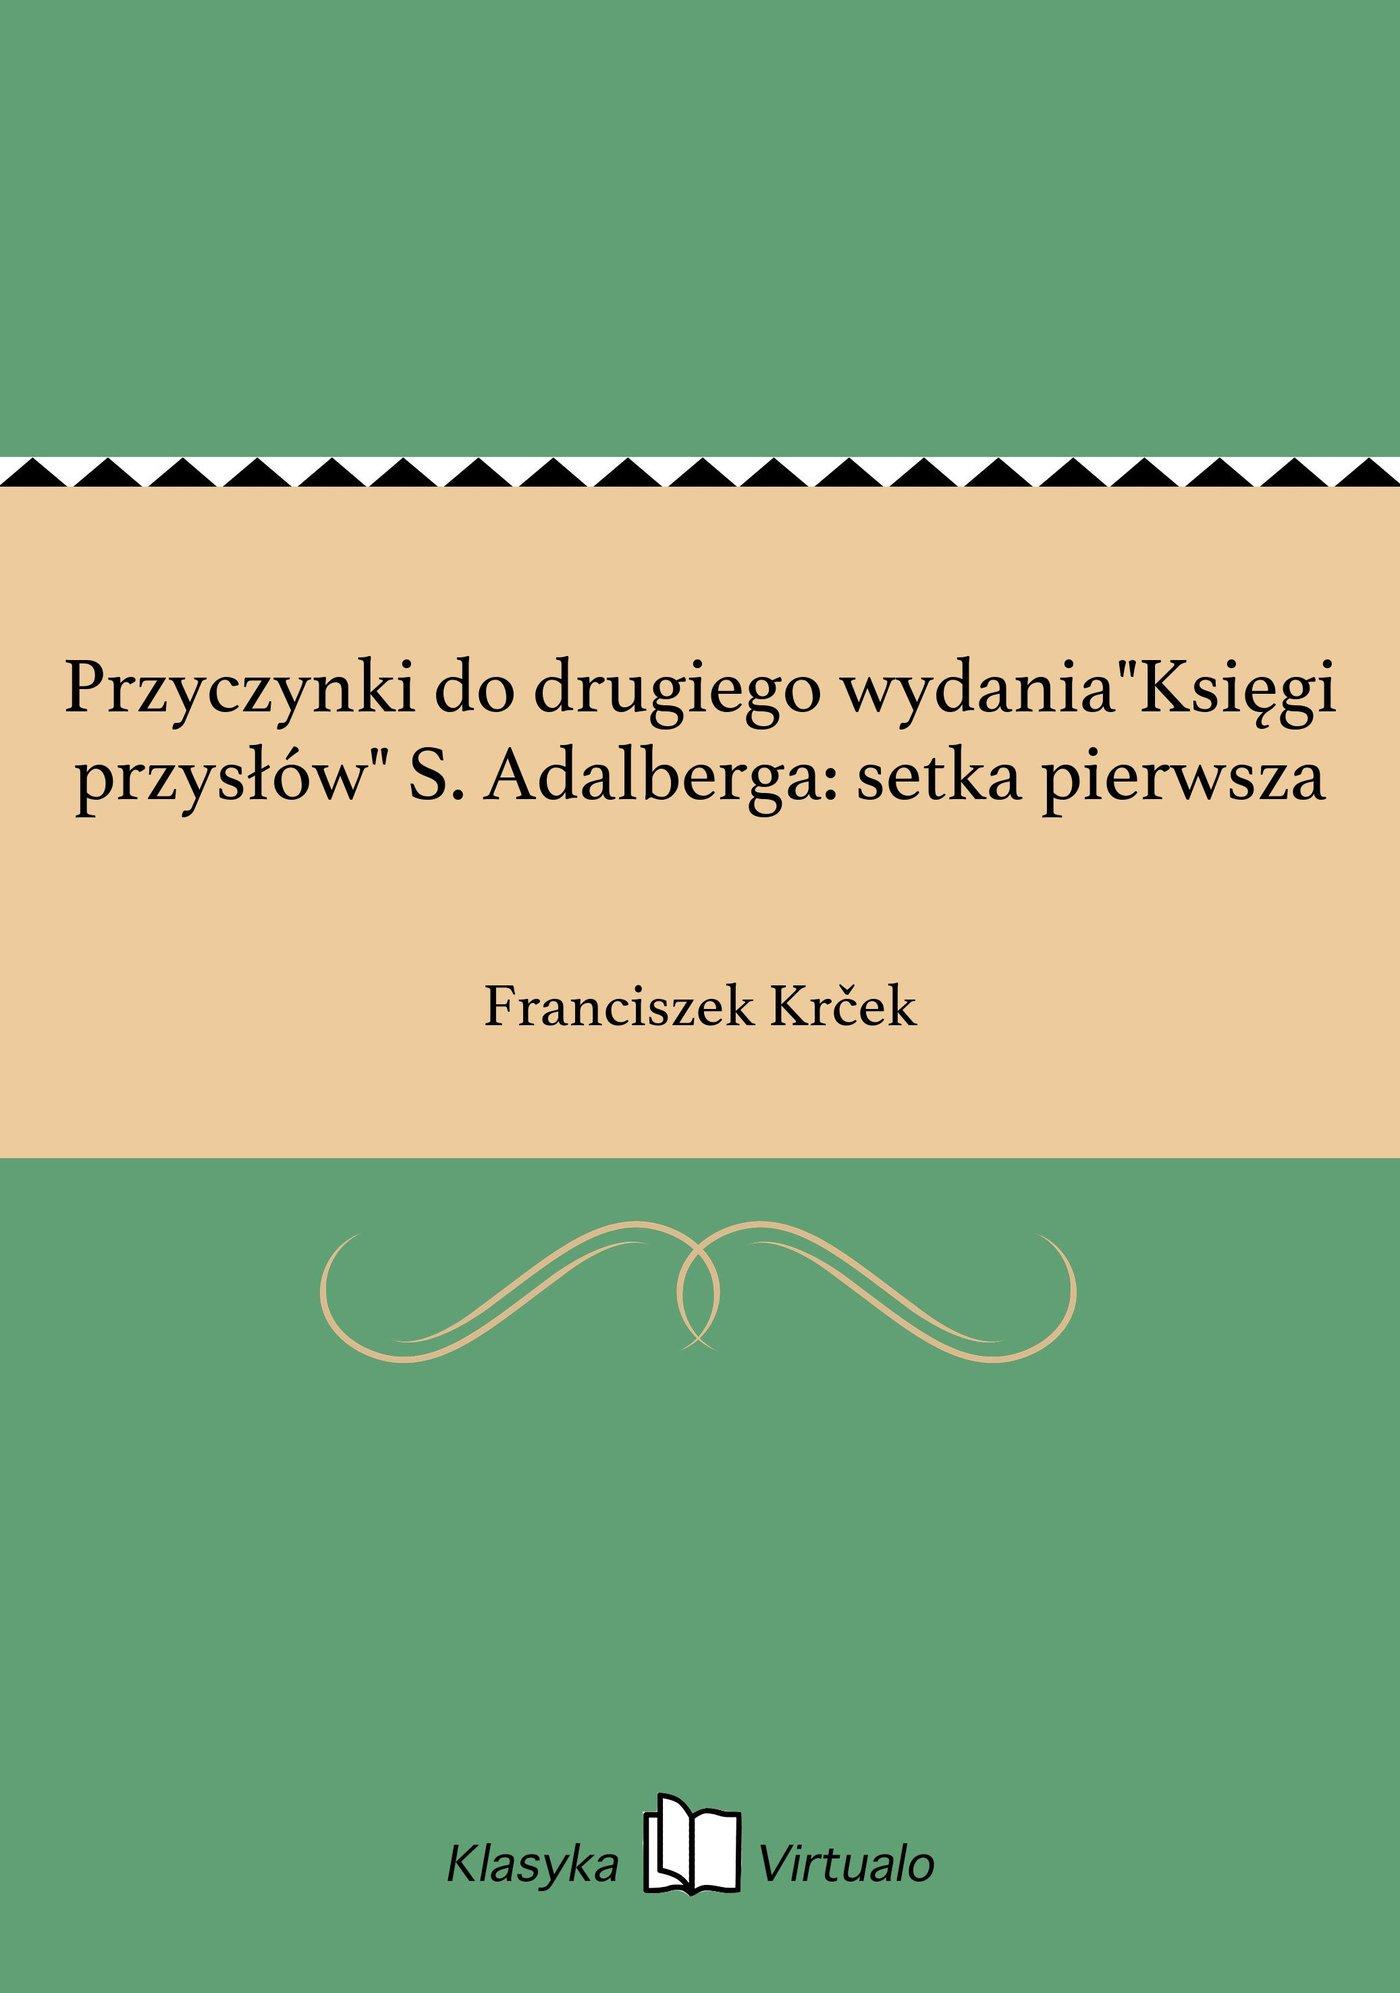 """Przyczynki do drugiego wydania""""Księgi przysłów"""" S. Adalberga: setka pierwsza - Ebook (Książka EPUB) do pobrania w formacie EPUB"""